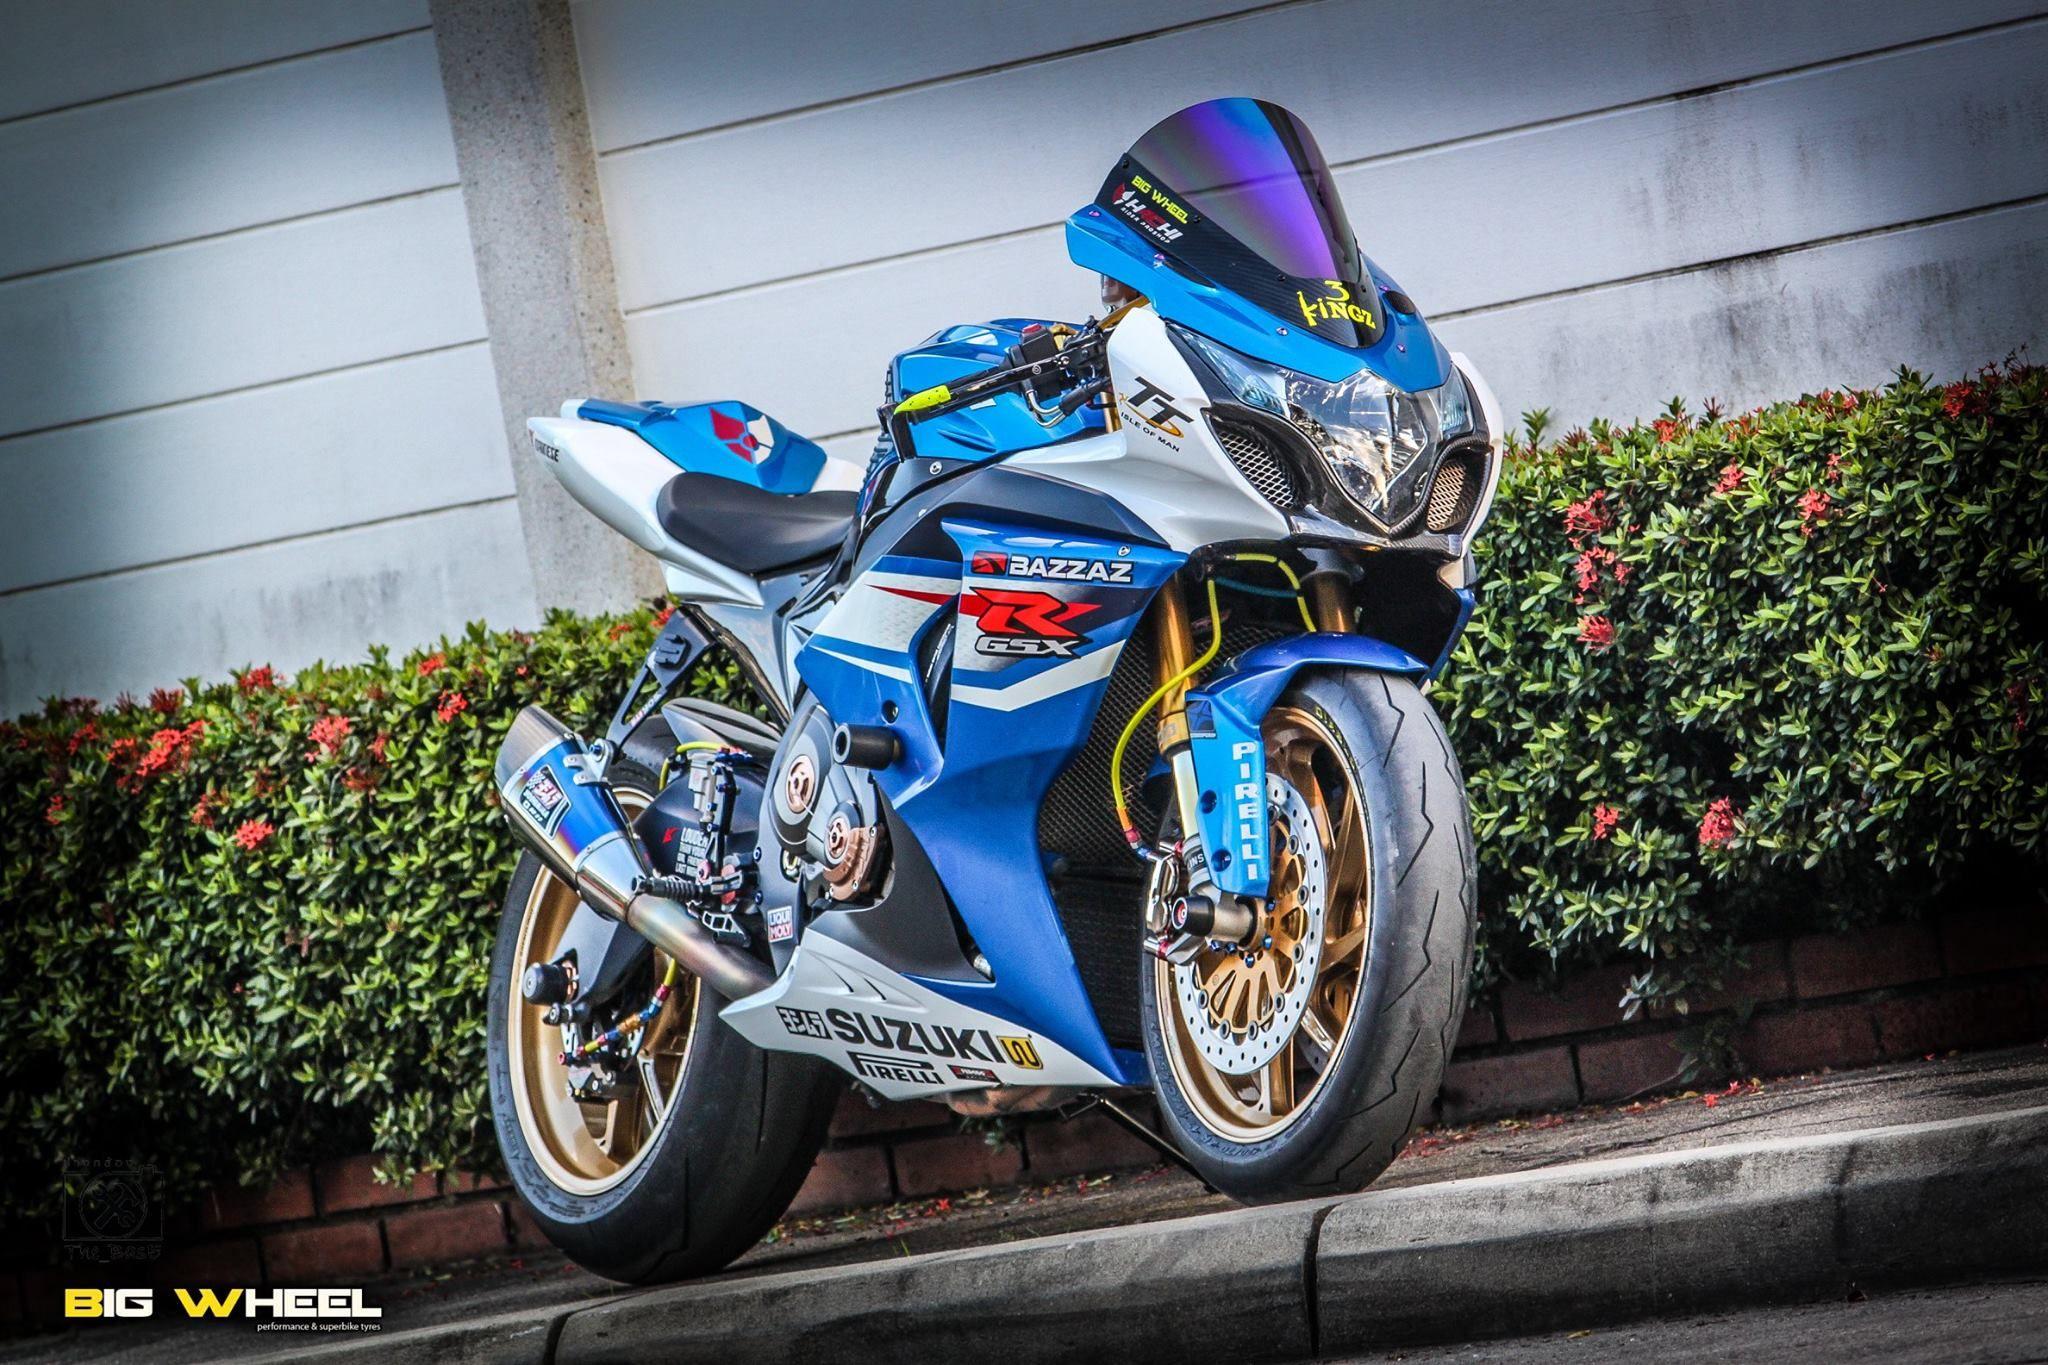 87f9bf2e0568 BigWheel Thailand - GSX-R1000 Thailand